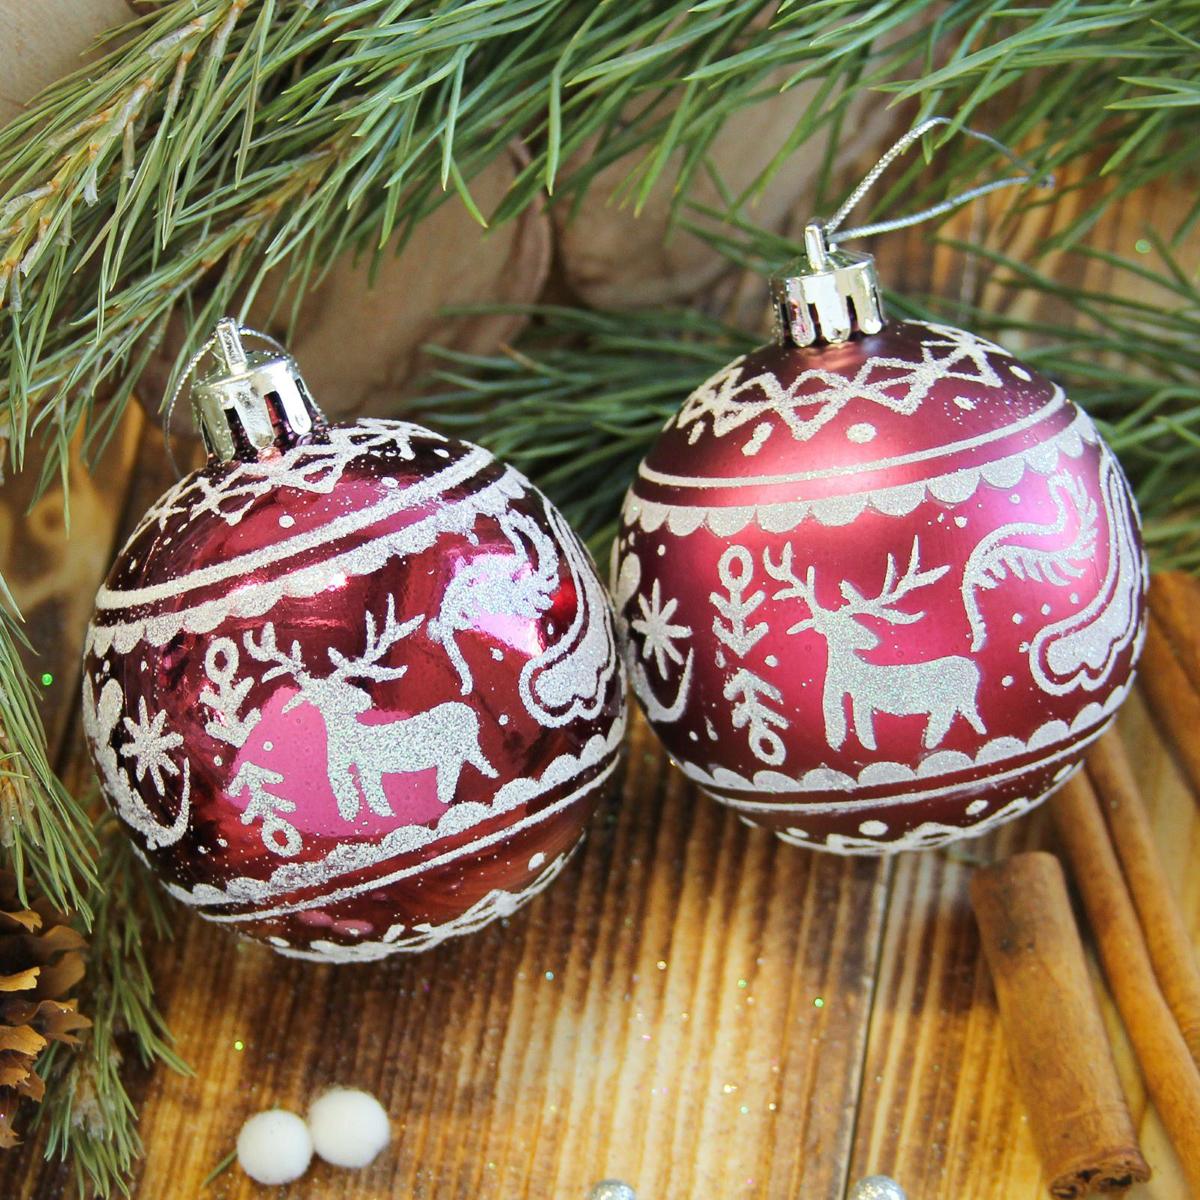 Набор новогодних подвесных украшений Sima-land Зимний олень, цвет: бордовый, диаметр 6 см, 8 шт2122531Набор новогодних подвесных украшений Sima-land отлично подойдет для декорации вашего дома и новогодней ели. С помощью специальной петельки украшение можно повесить в любом понравившемся вам месте. Но, конечно, удачнее всего оно будет смотреться на праздничной елке. Елочная игрушка - символ Нового года. Она несет в себе волшебство и красоту праздника. Создайте в своем доме атмосферу веселья и радости, украшая новогоднюю елку нарядными игрушками, которые будут из года в год накапливать теплоту воспоминаний.